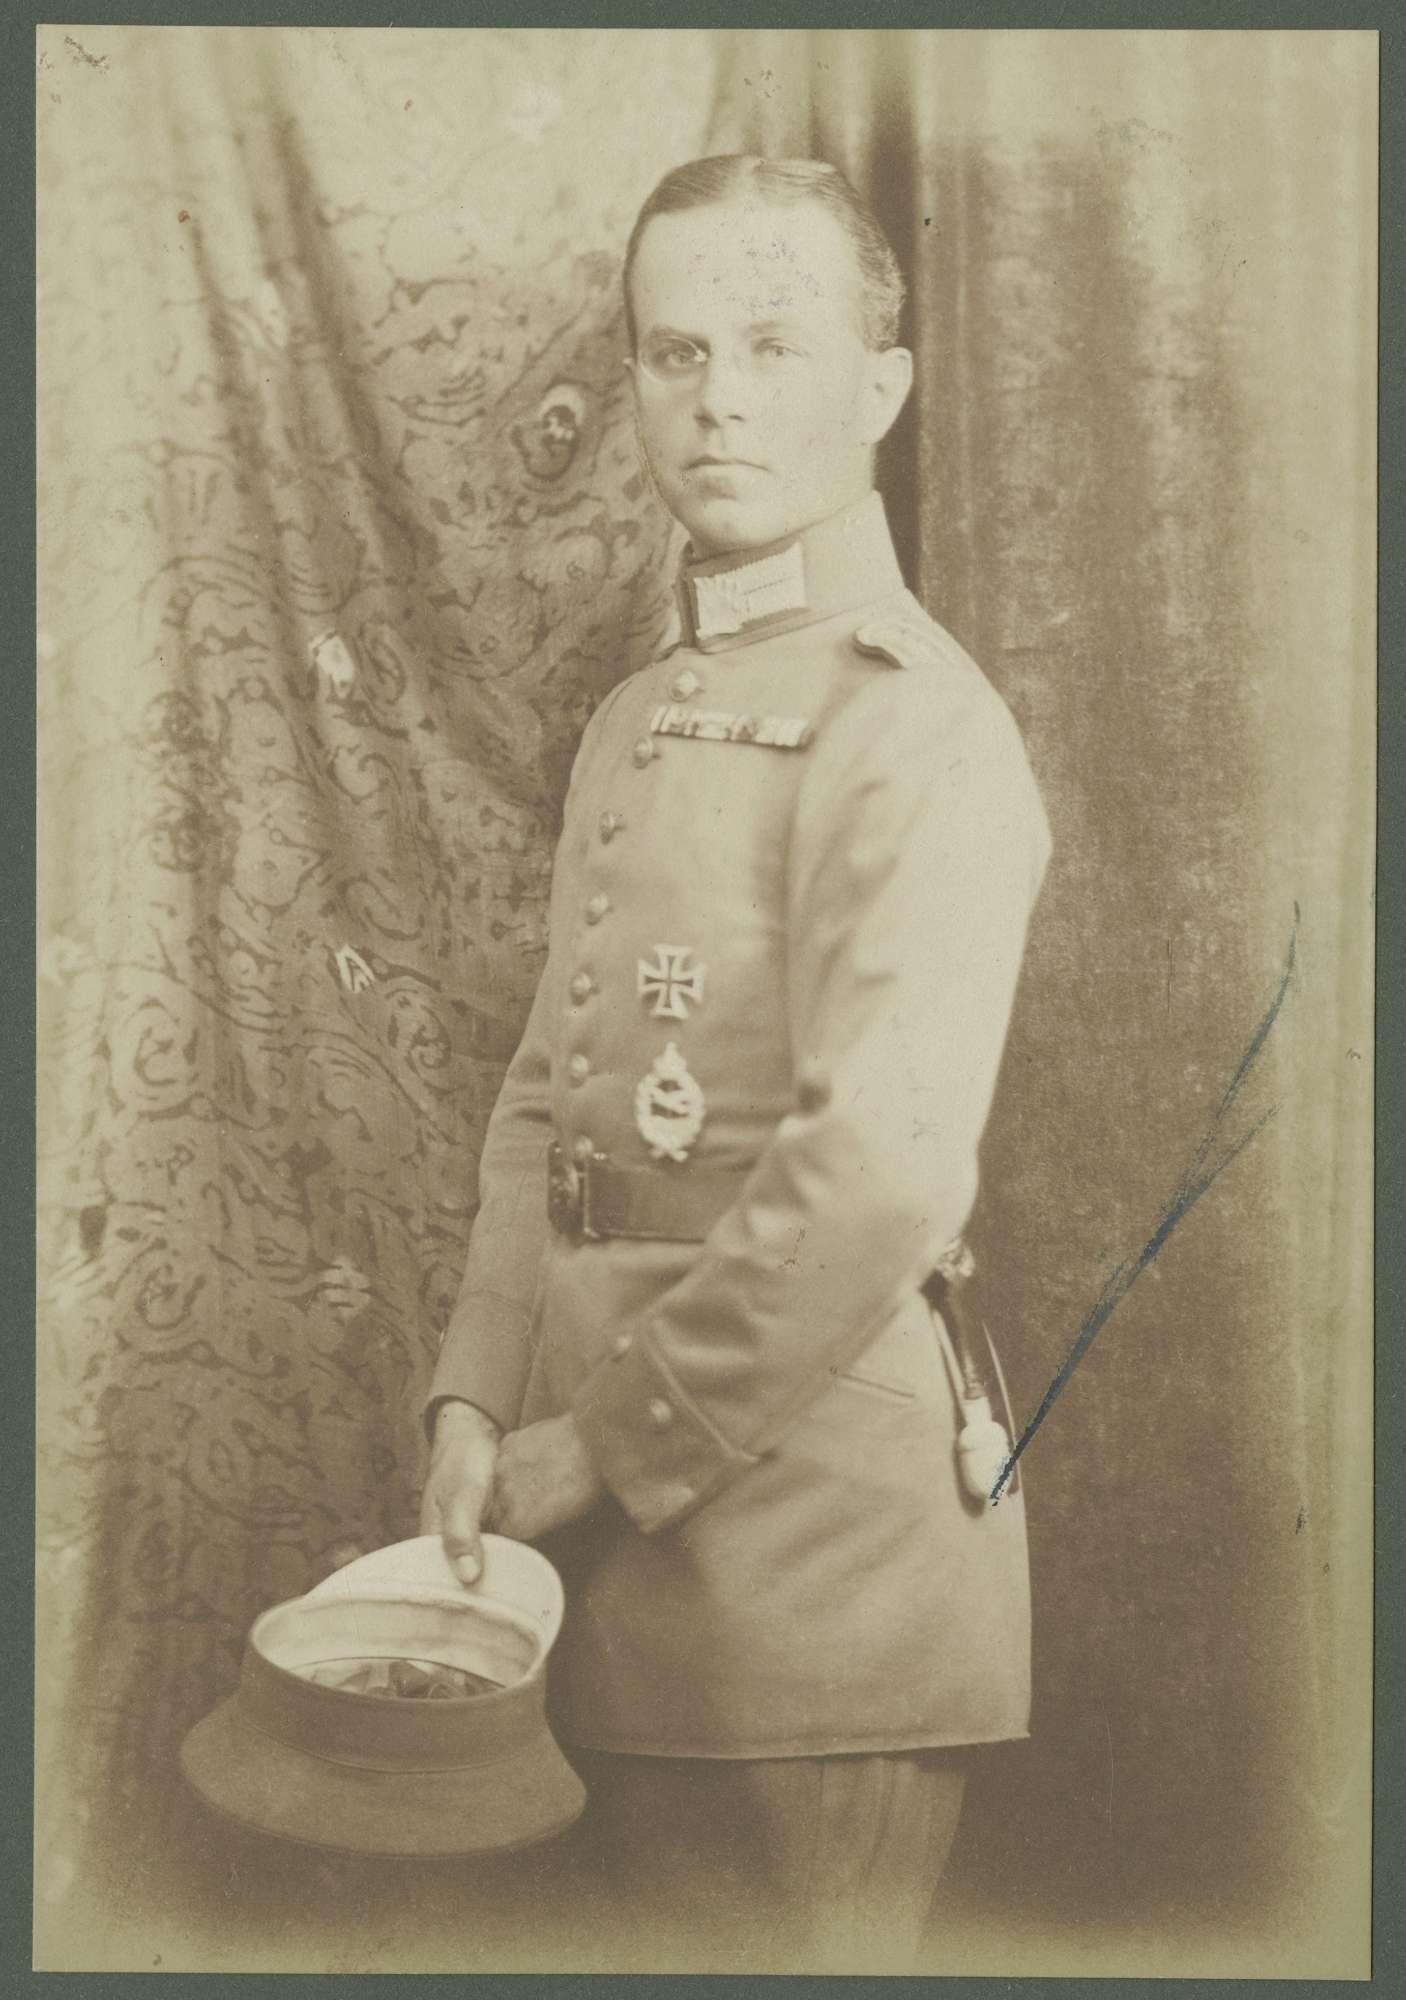 Nuber, Hans, Dr., Bild 1